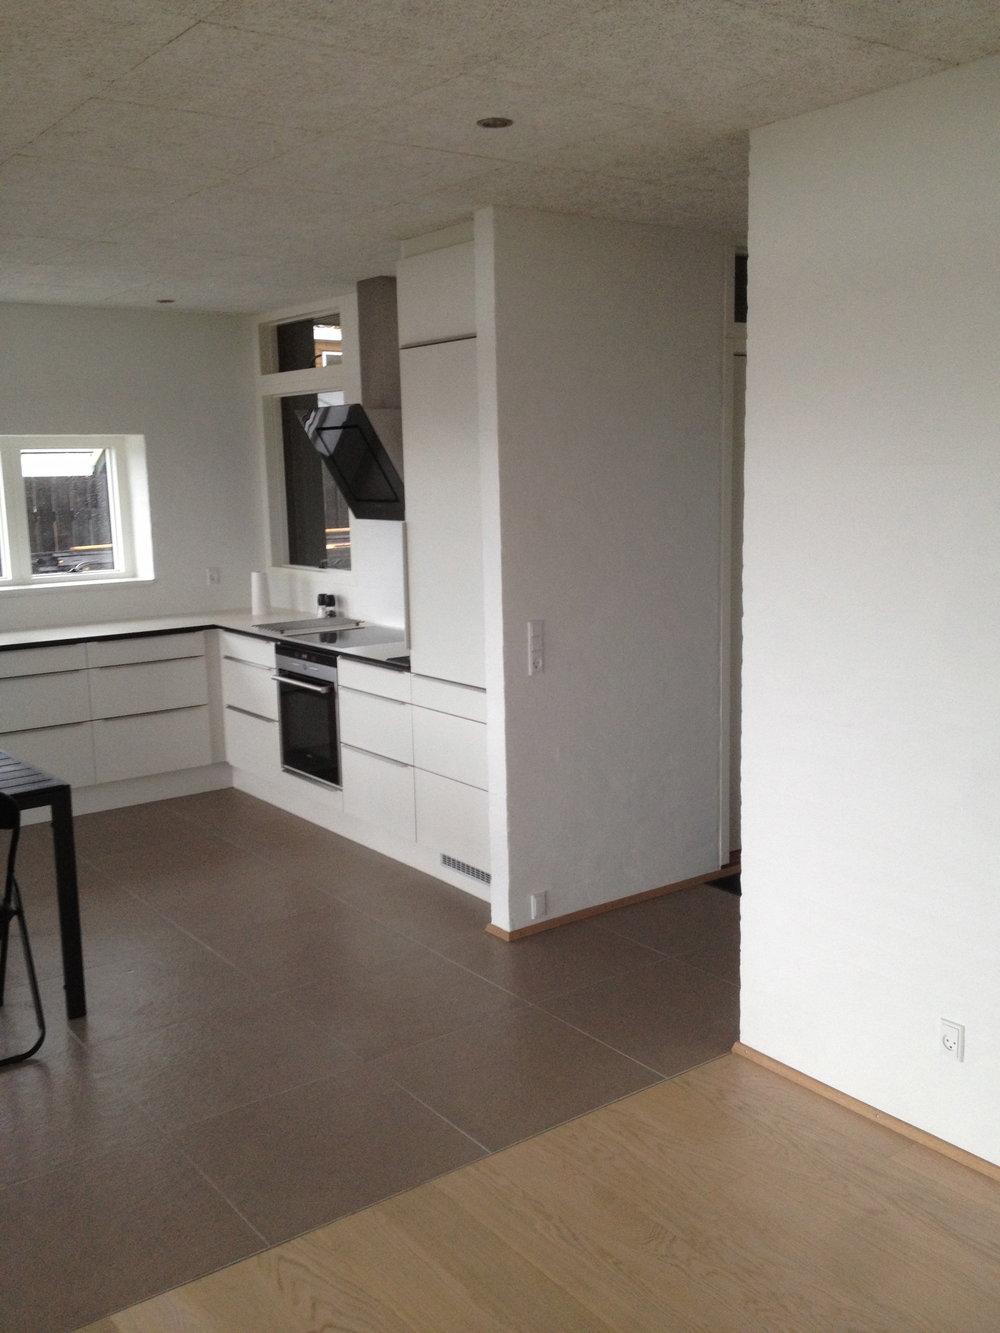 Sommerhus nybyg køkken.jpg